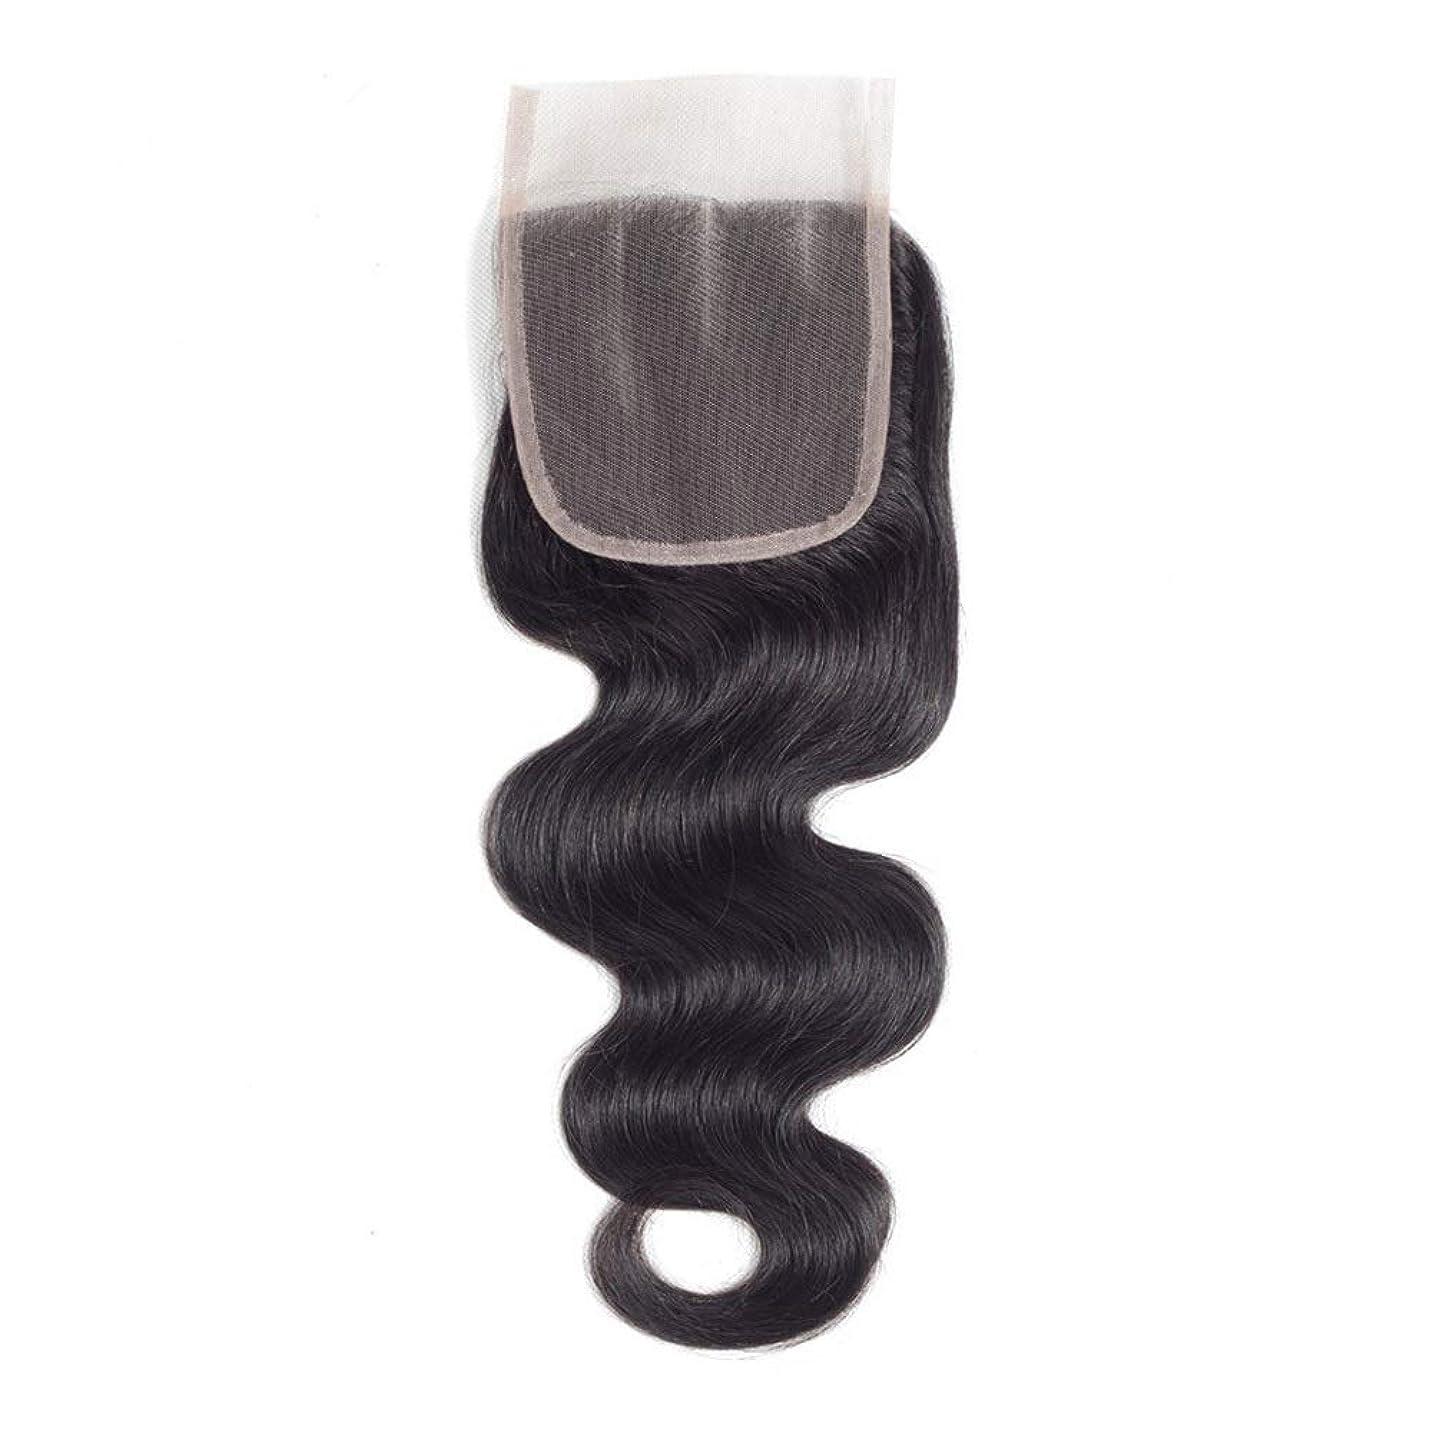 海嶺スプーンスペシャリストYESONEEP ブラジル実体波巻き毛4 x 4インチレース閉鎖無料部分100%本物の人間の髪の毛の自然な色(8インチ-20インチ)長い巻き毛のかつら、 (色 : 黒, サイズ : 20 inch)